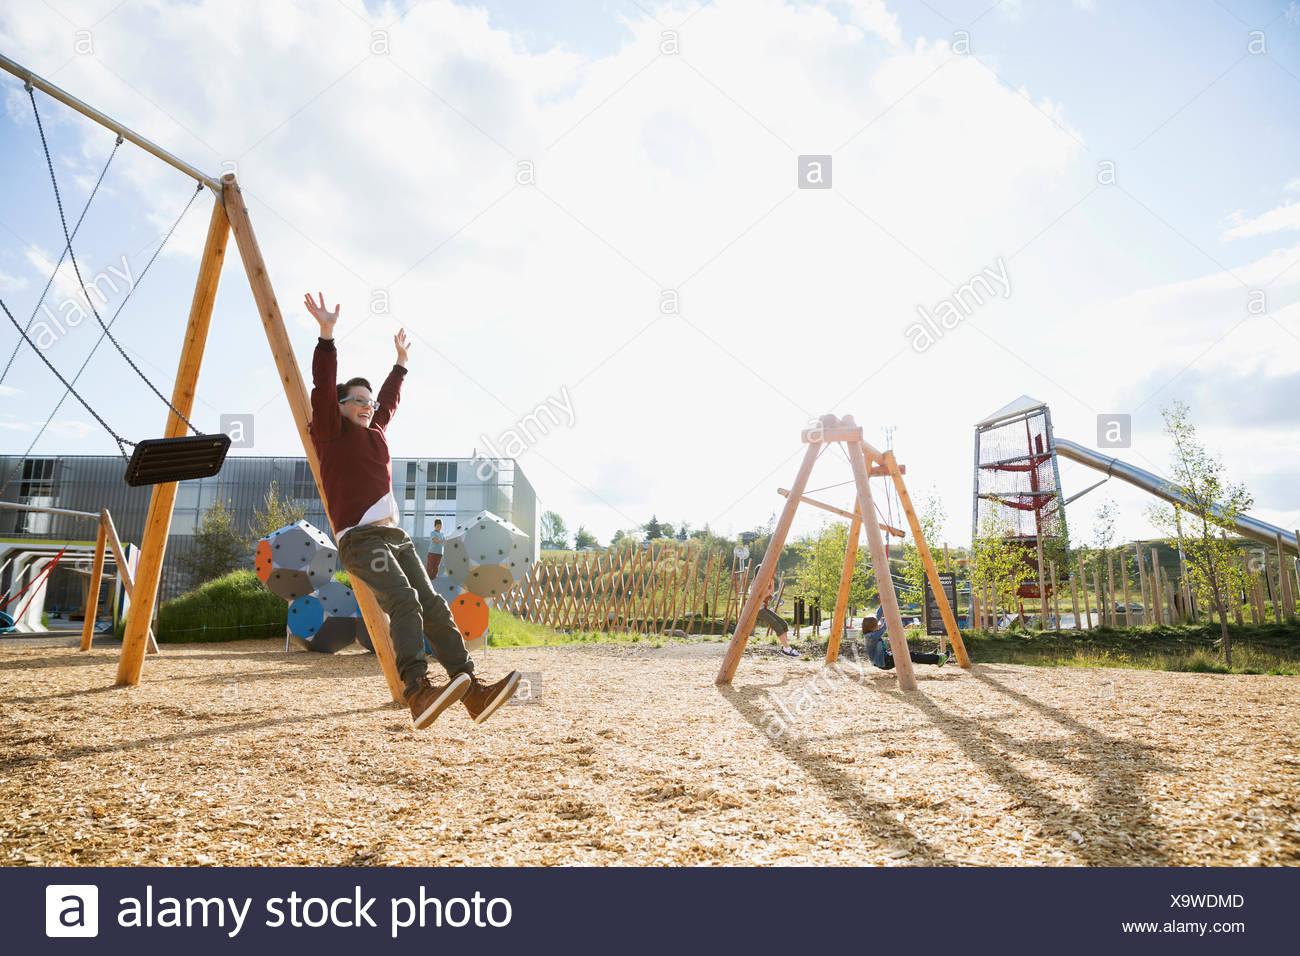 Junge, springen von Swing auf sonnigen Spielplatz Stockbild